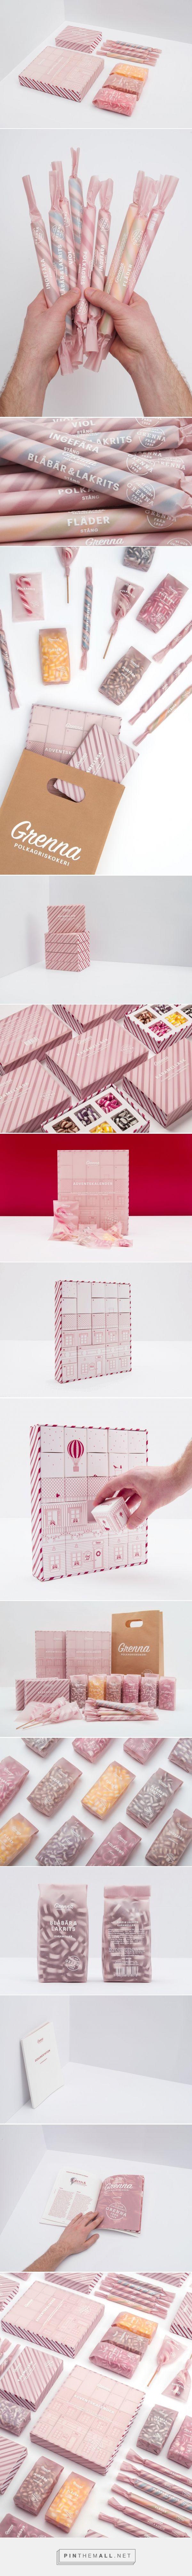 Designed by @brobygrafiska students — Grenna Polkagriskokeri . Design team: Johanna Brännström, Viktor Andersson, Pontus Haglund, Gustaf Redmo